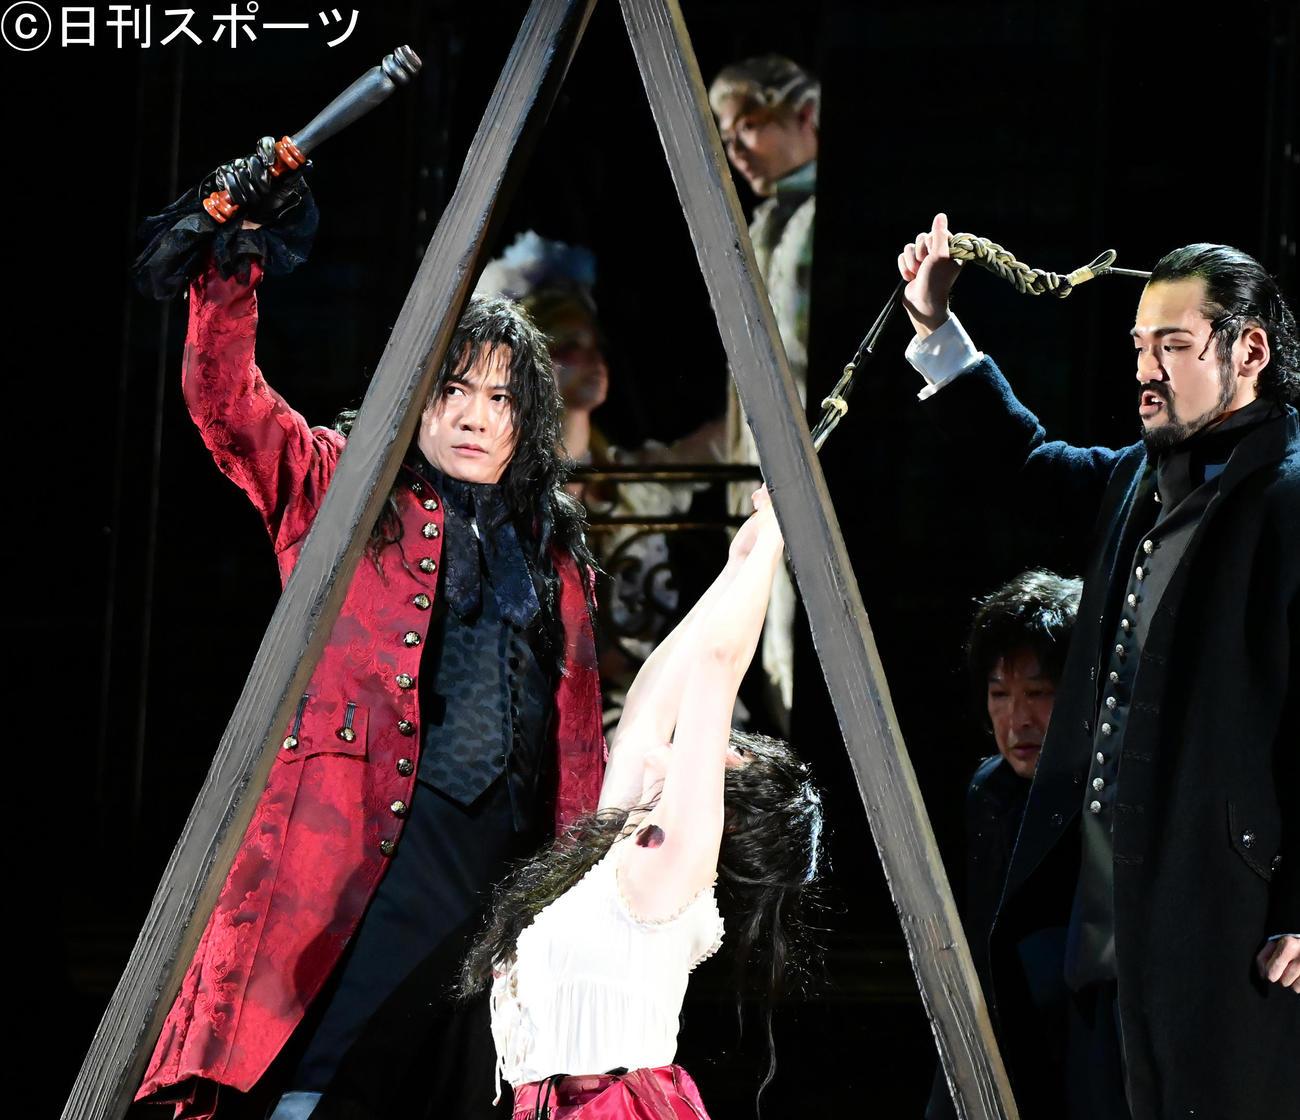 稲垣吾郎がマリー・アントワネットの首はねた死刑執行人役「良い緊張感」